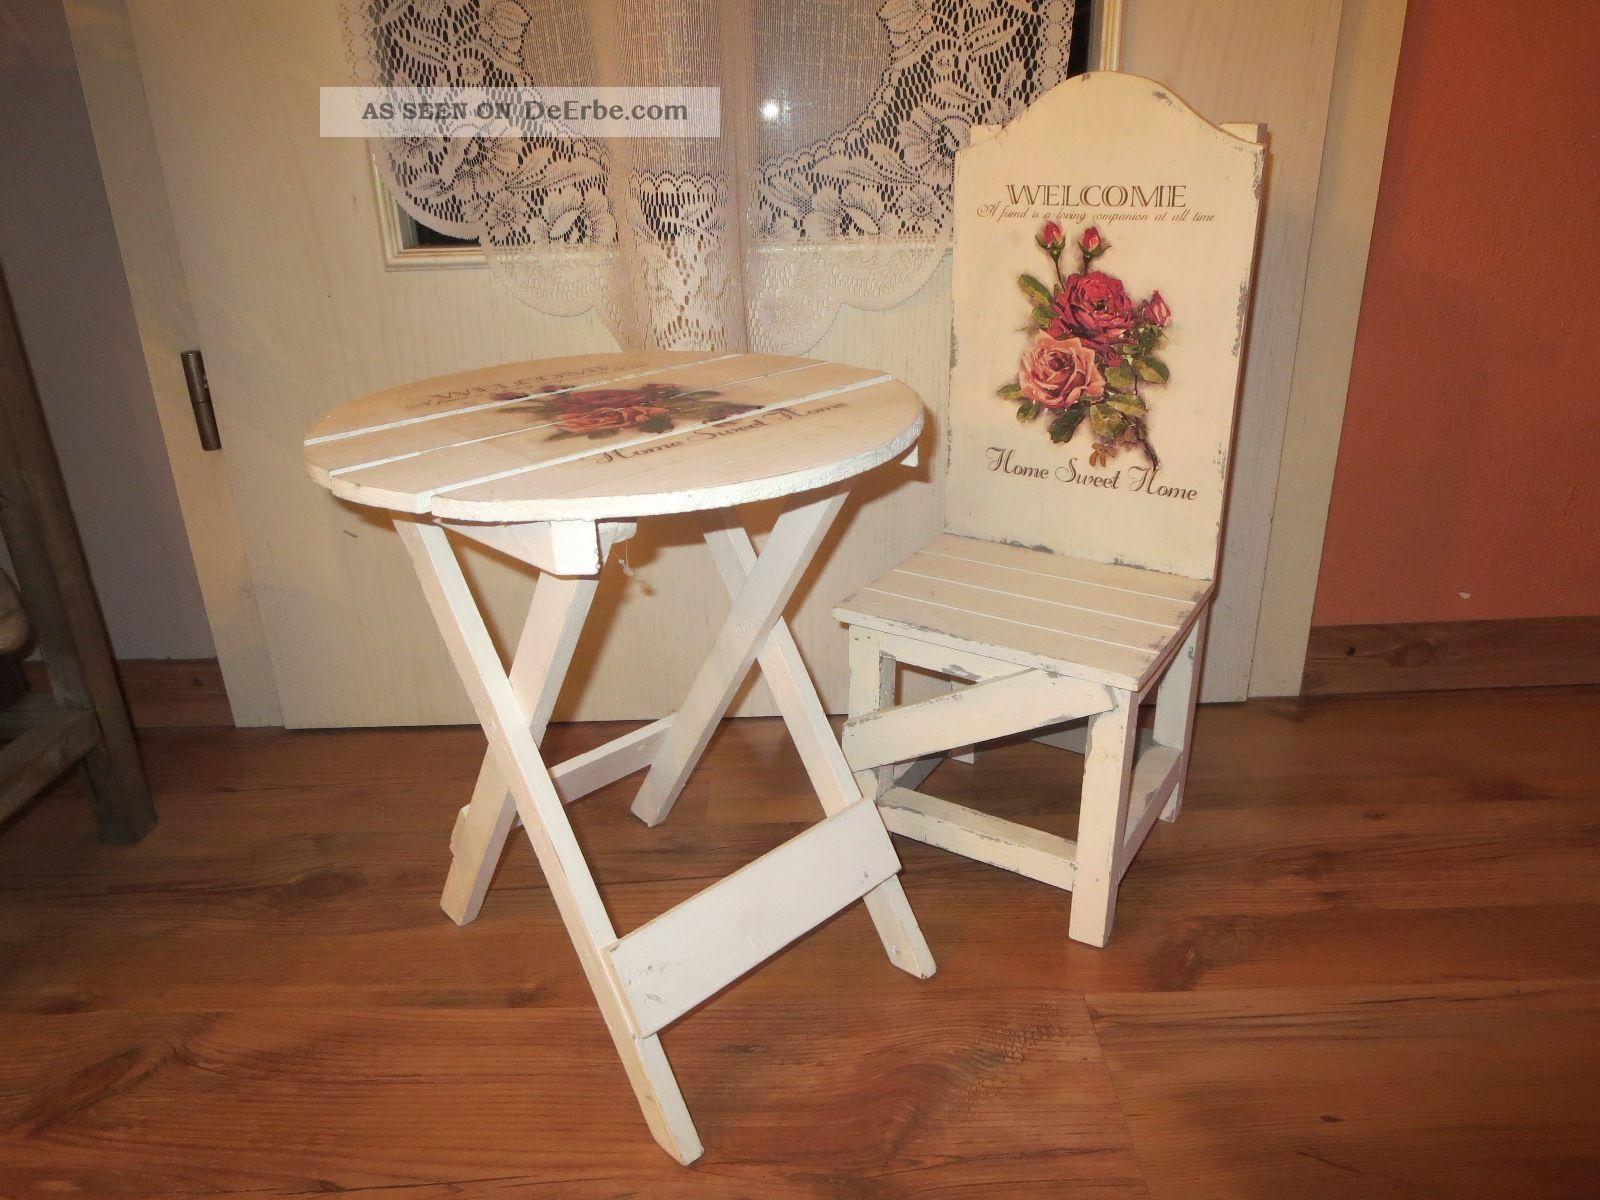 Tisch und sthle fr top fabulous full size of esstisch stuhle modern weis hochglanz holz - Stuhl fur kleinkinder ...